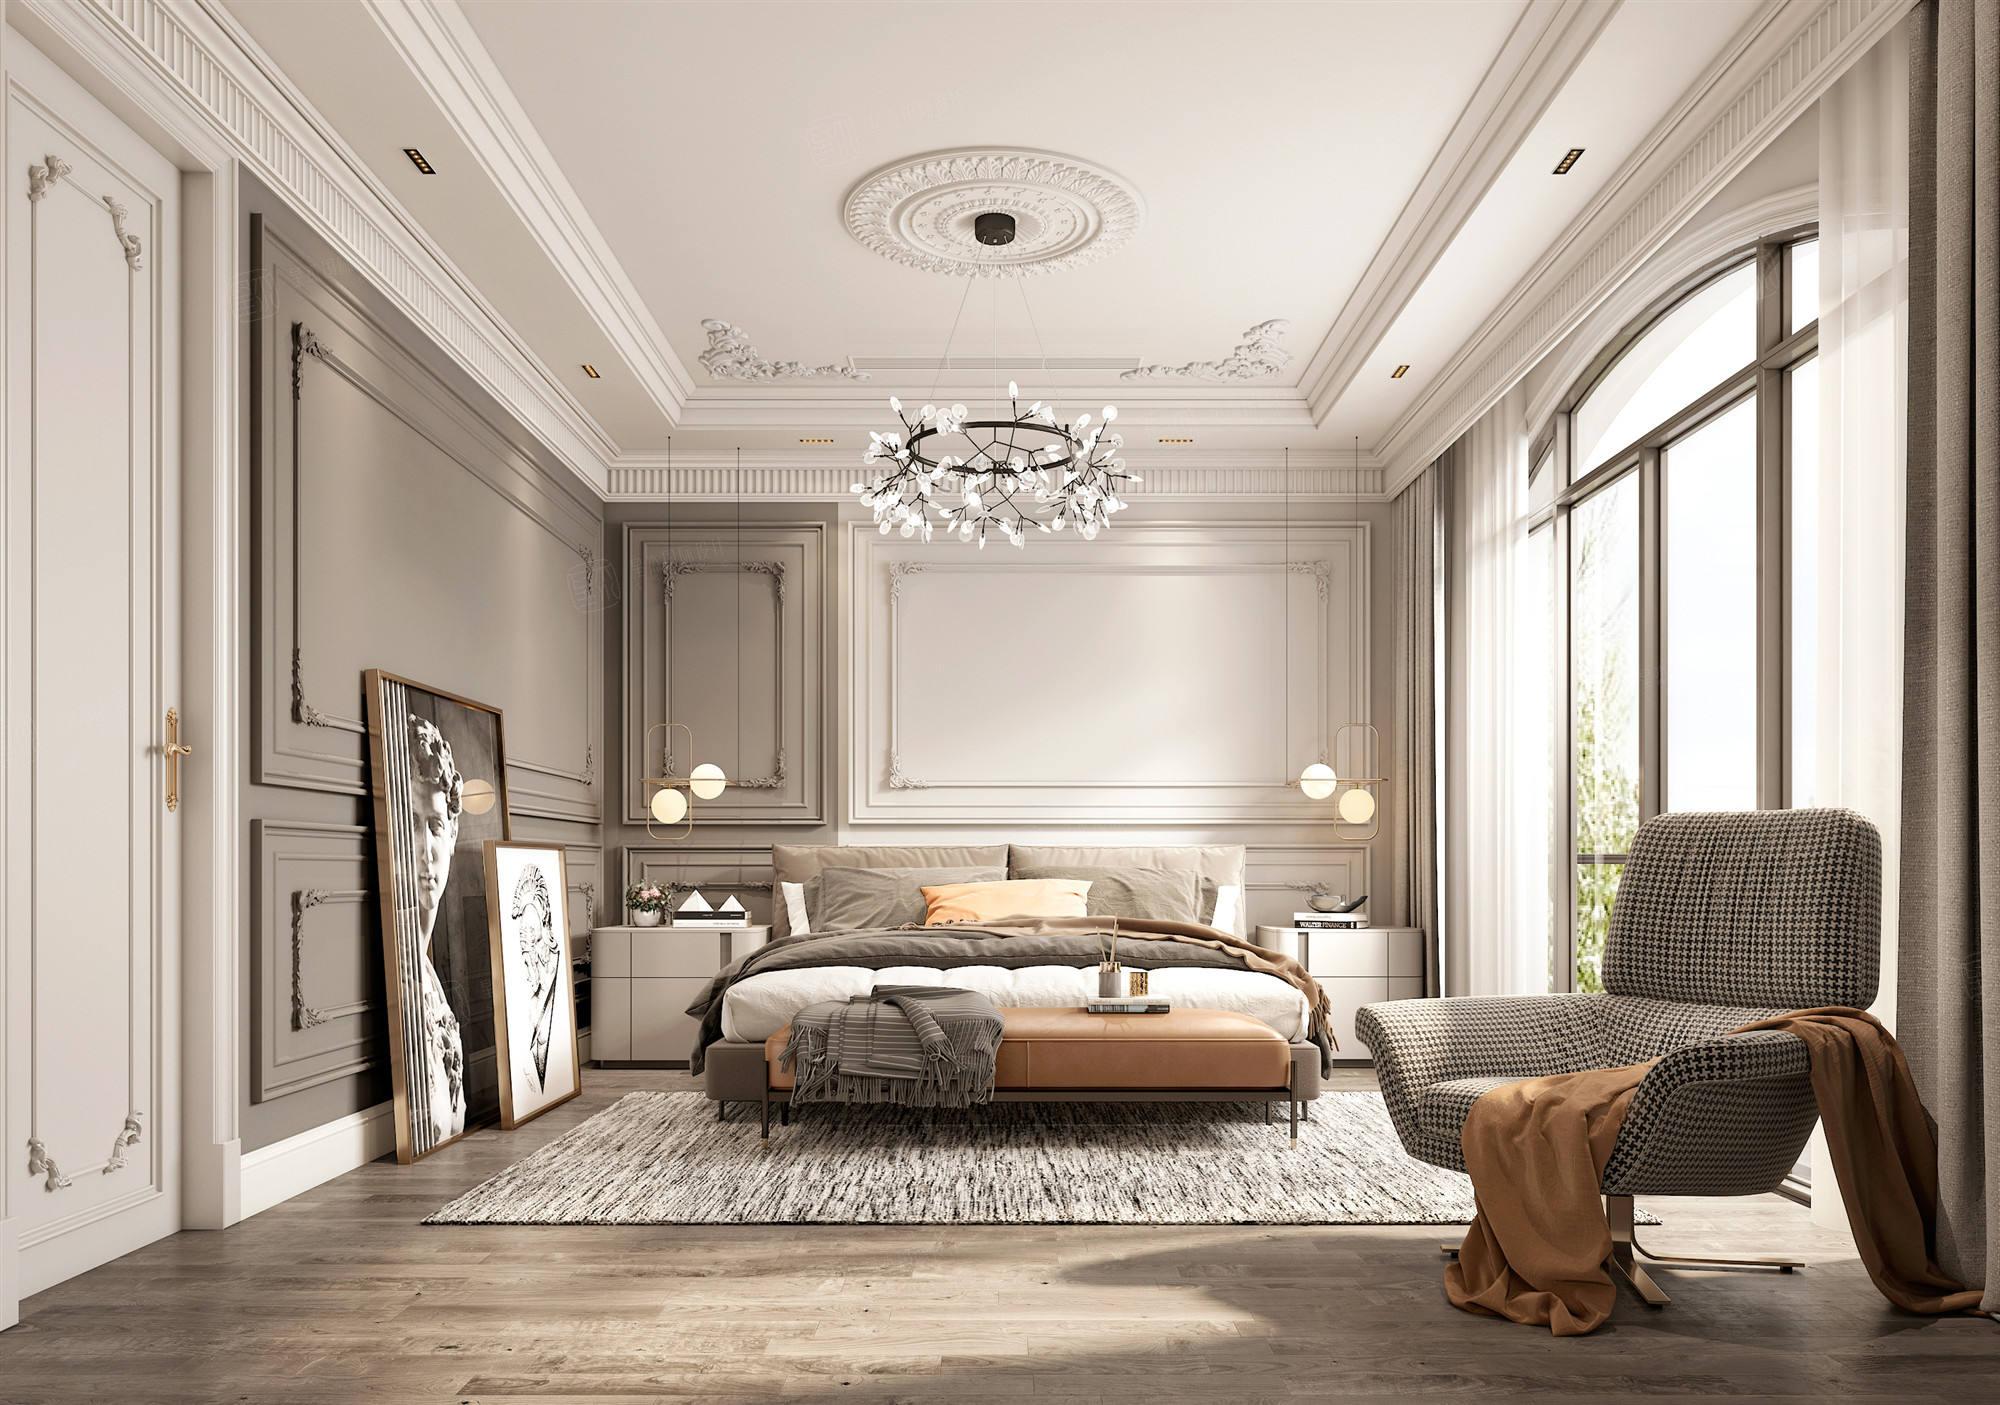 安盛杉庄  法式轻奢装修卧室效果图